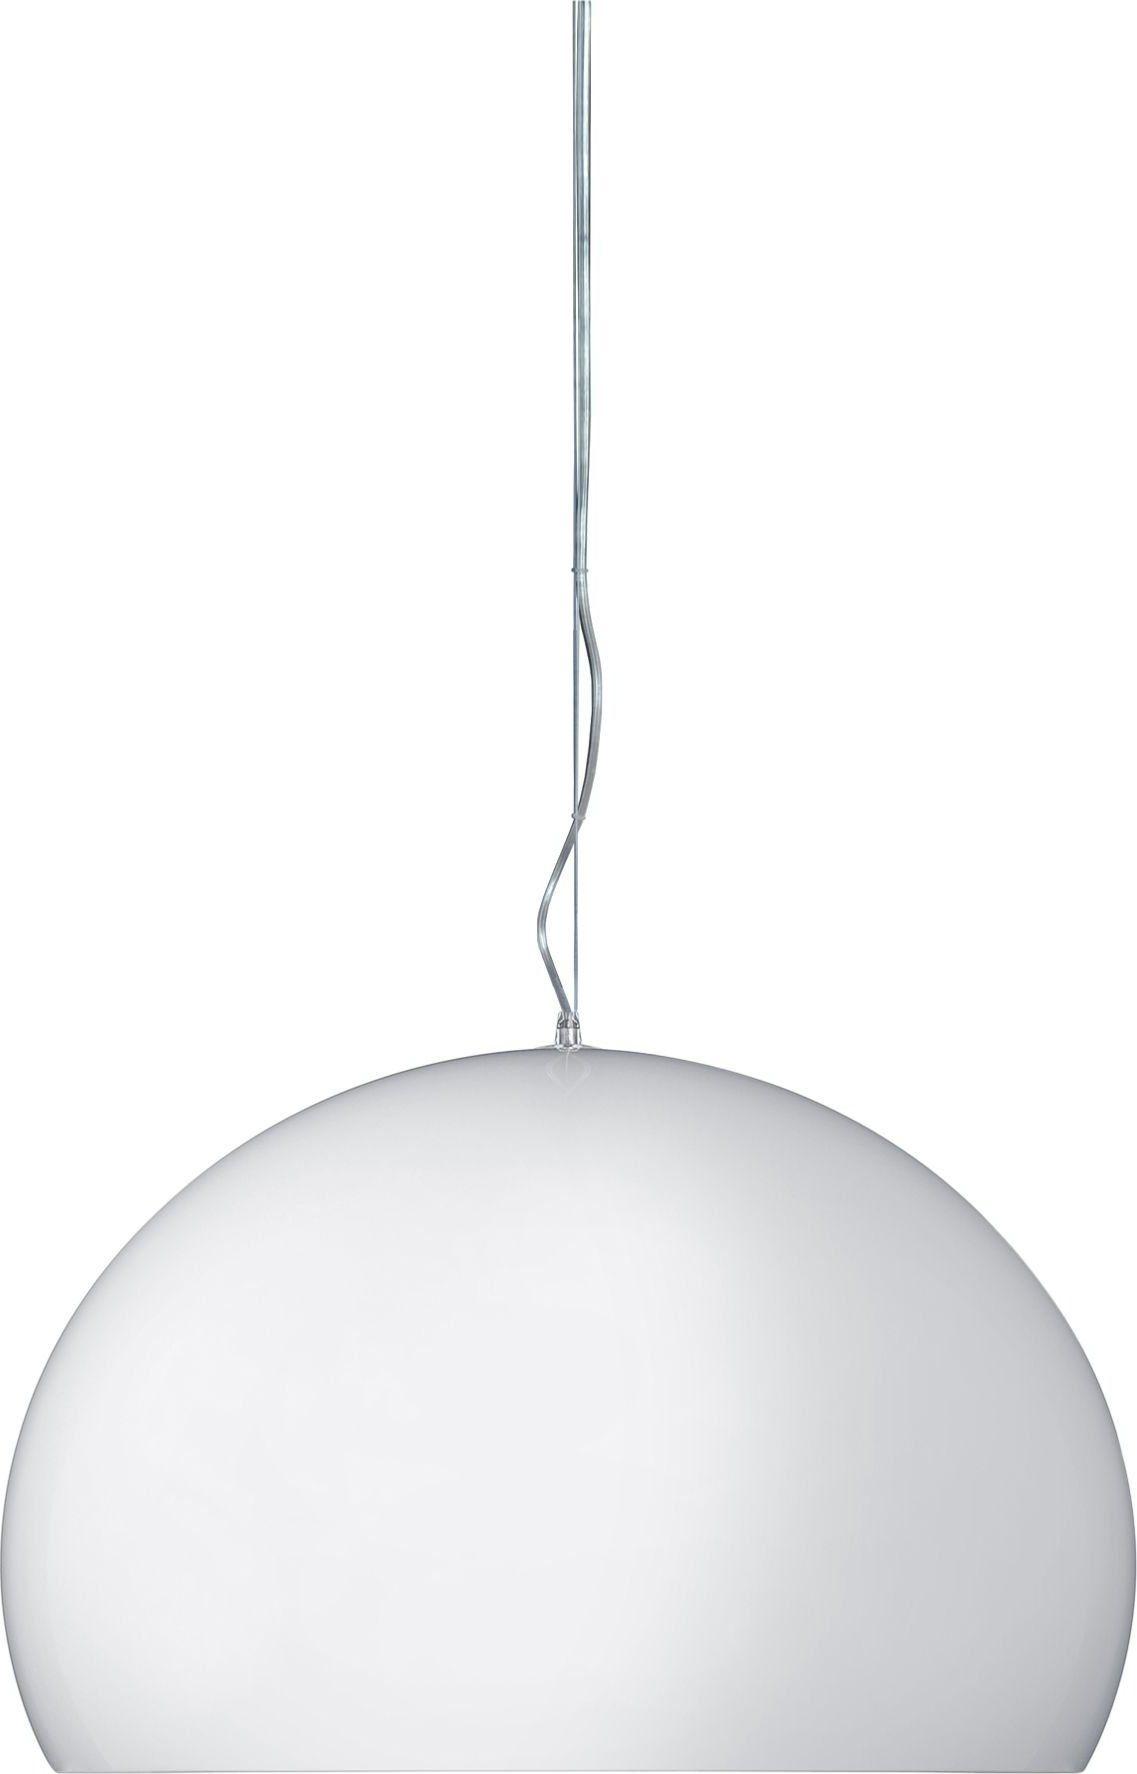 Oswietlenie Led Salon Lampy Wiszące Nad Stół Do Kuchni